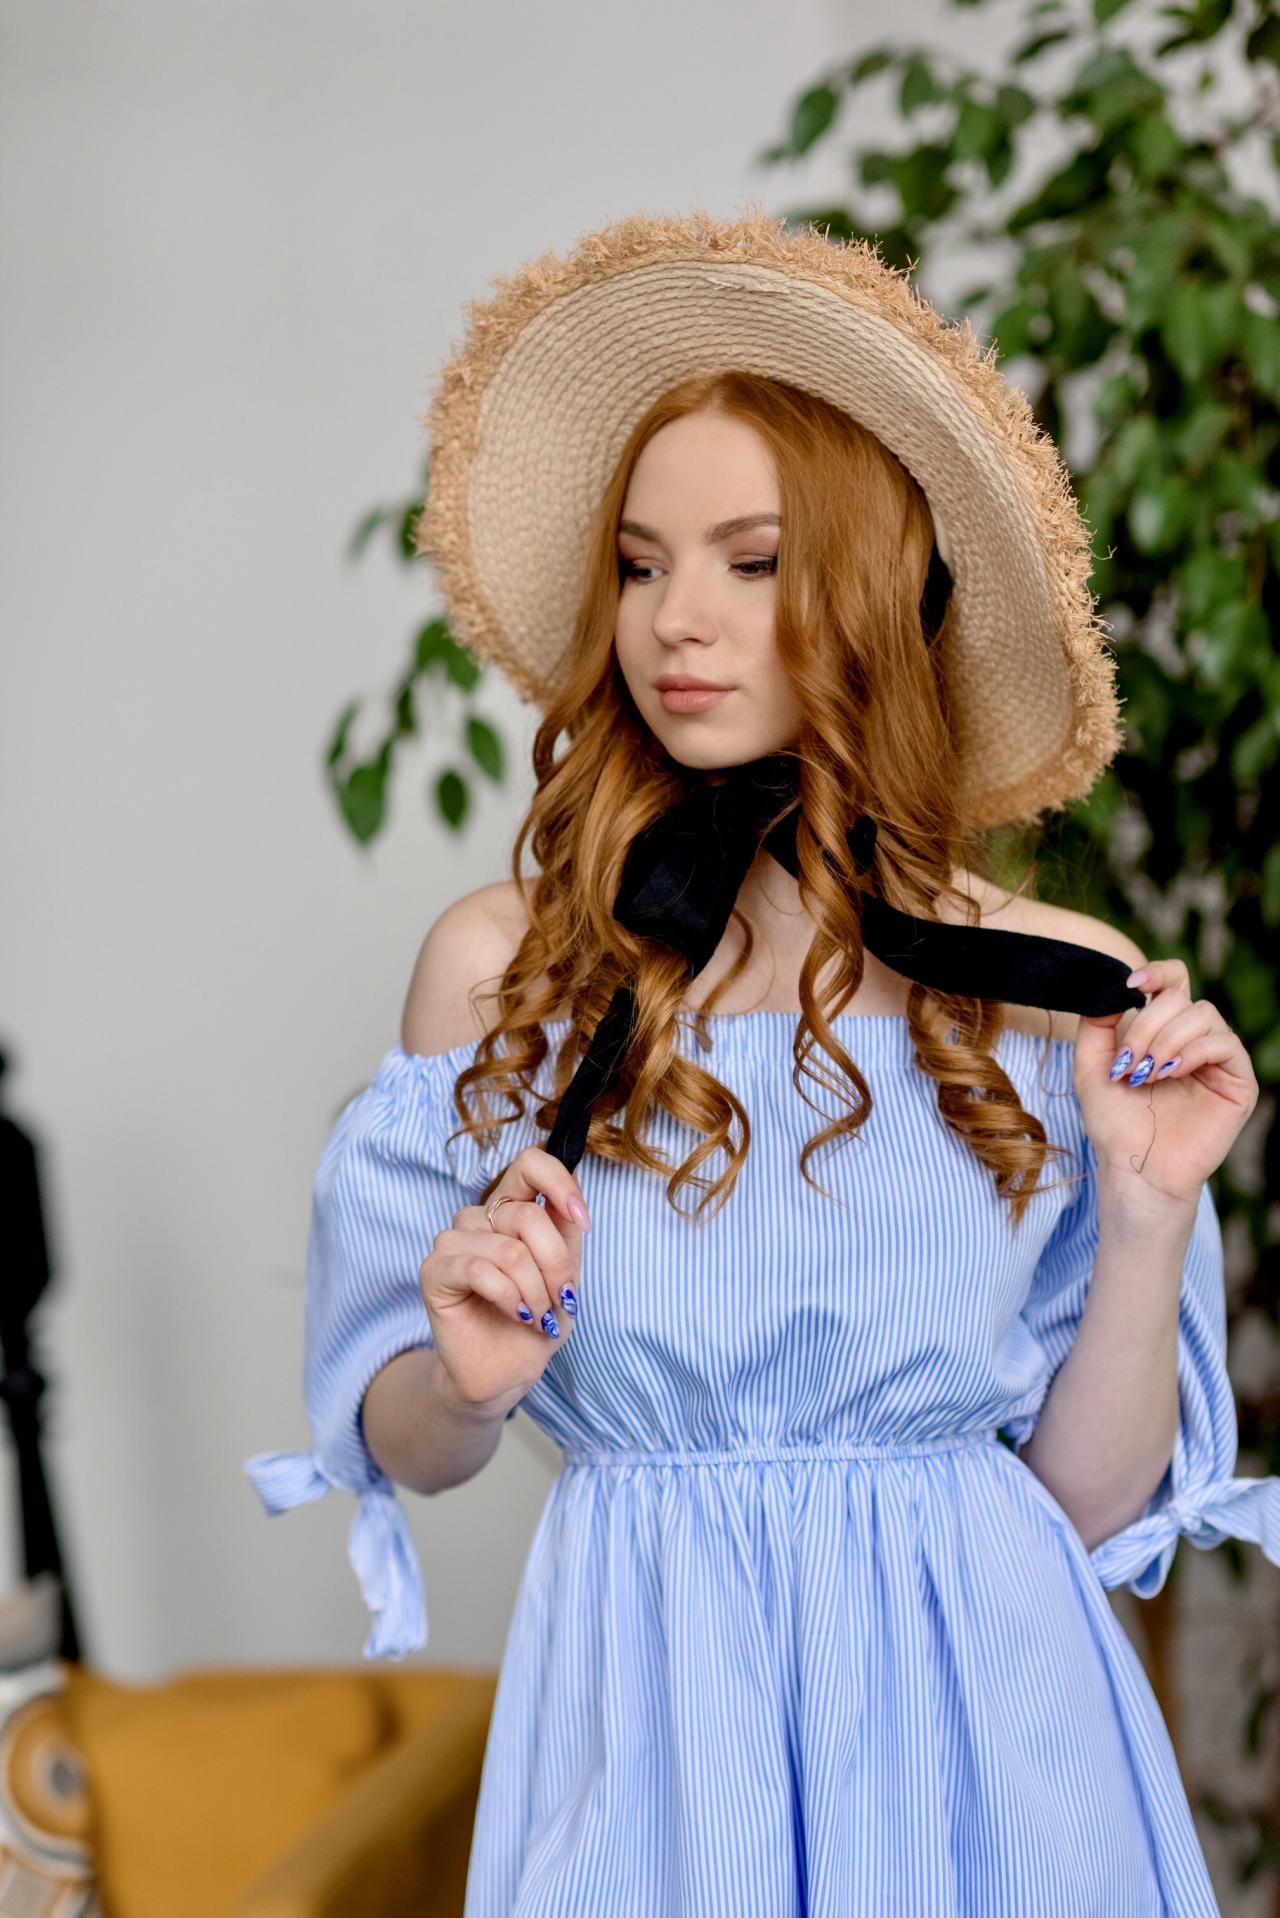 Работа моделью в москве без опыта для девушек работа девушки фото